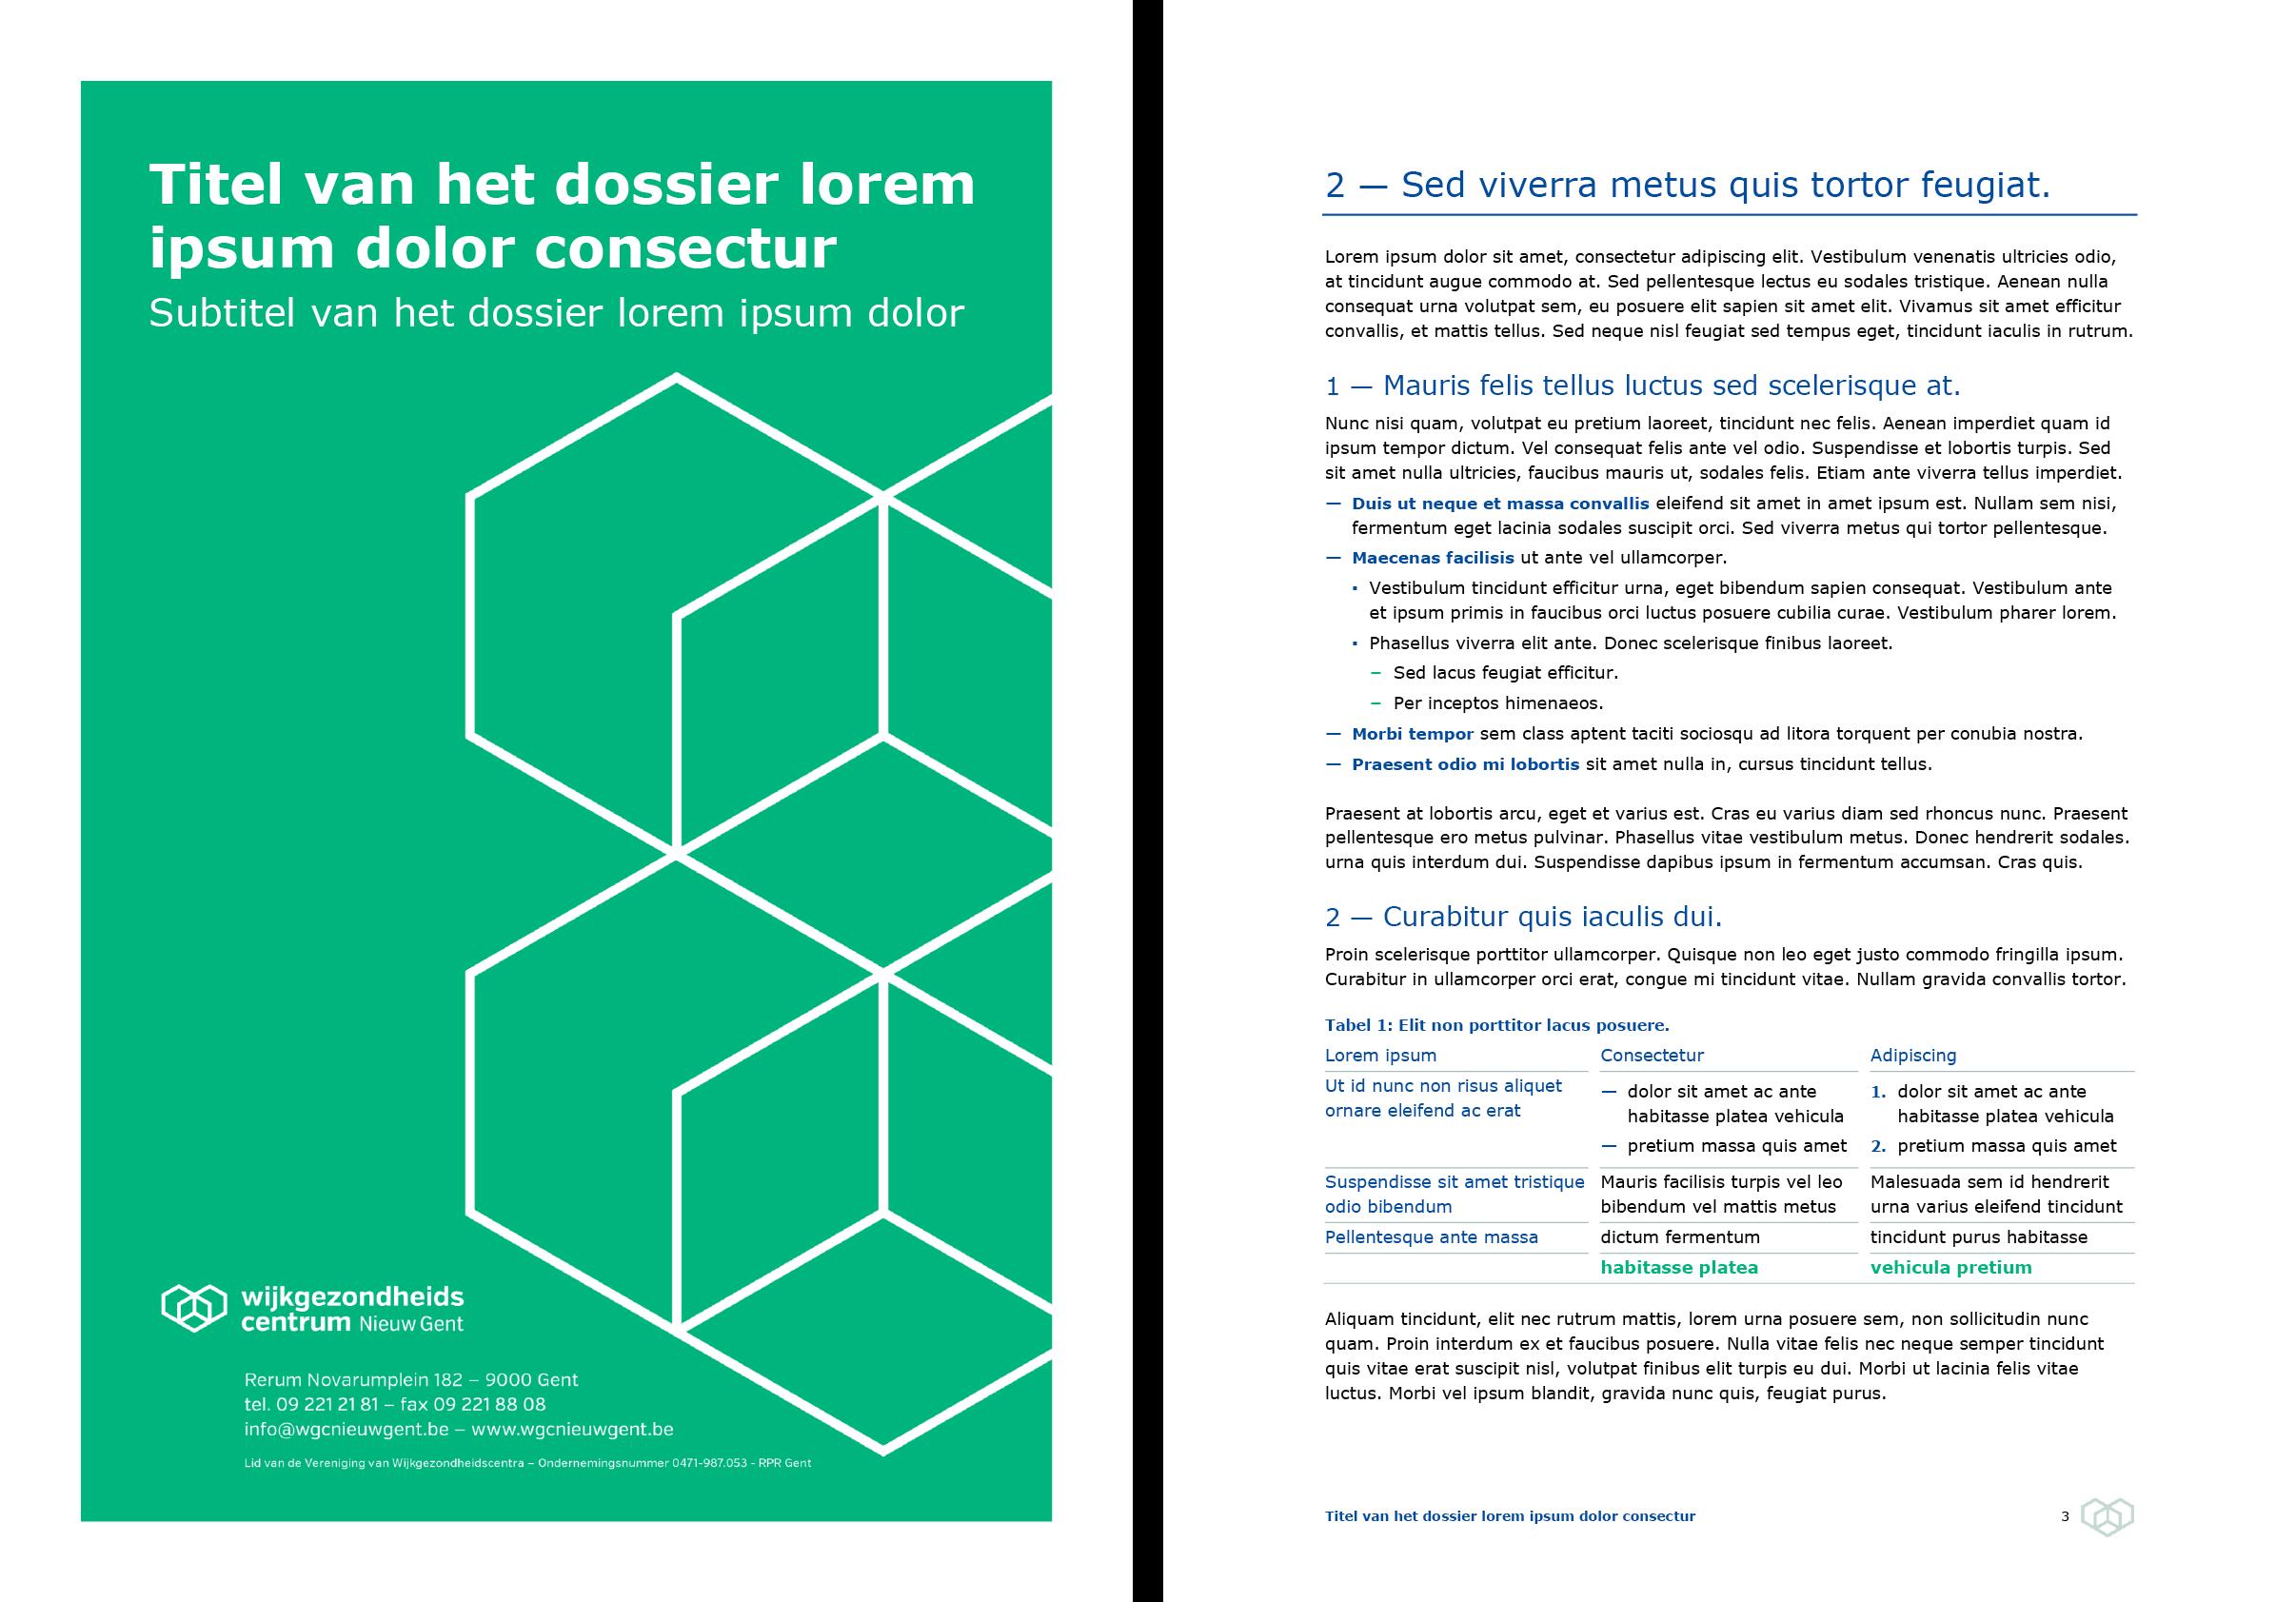 Dossier: voorblad groen en documentpagina (ingevuld). Microsoft Word-sjabloon voor WGC Nieuw Gent.